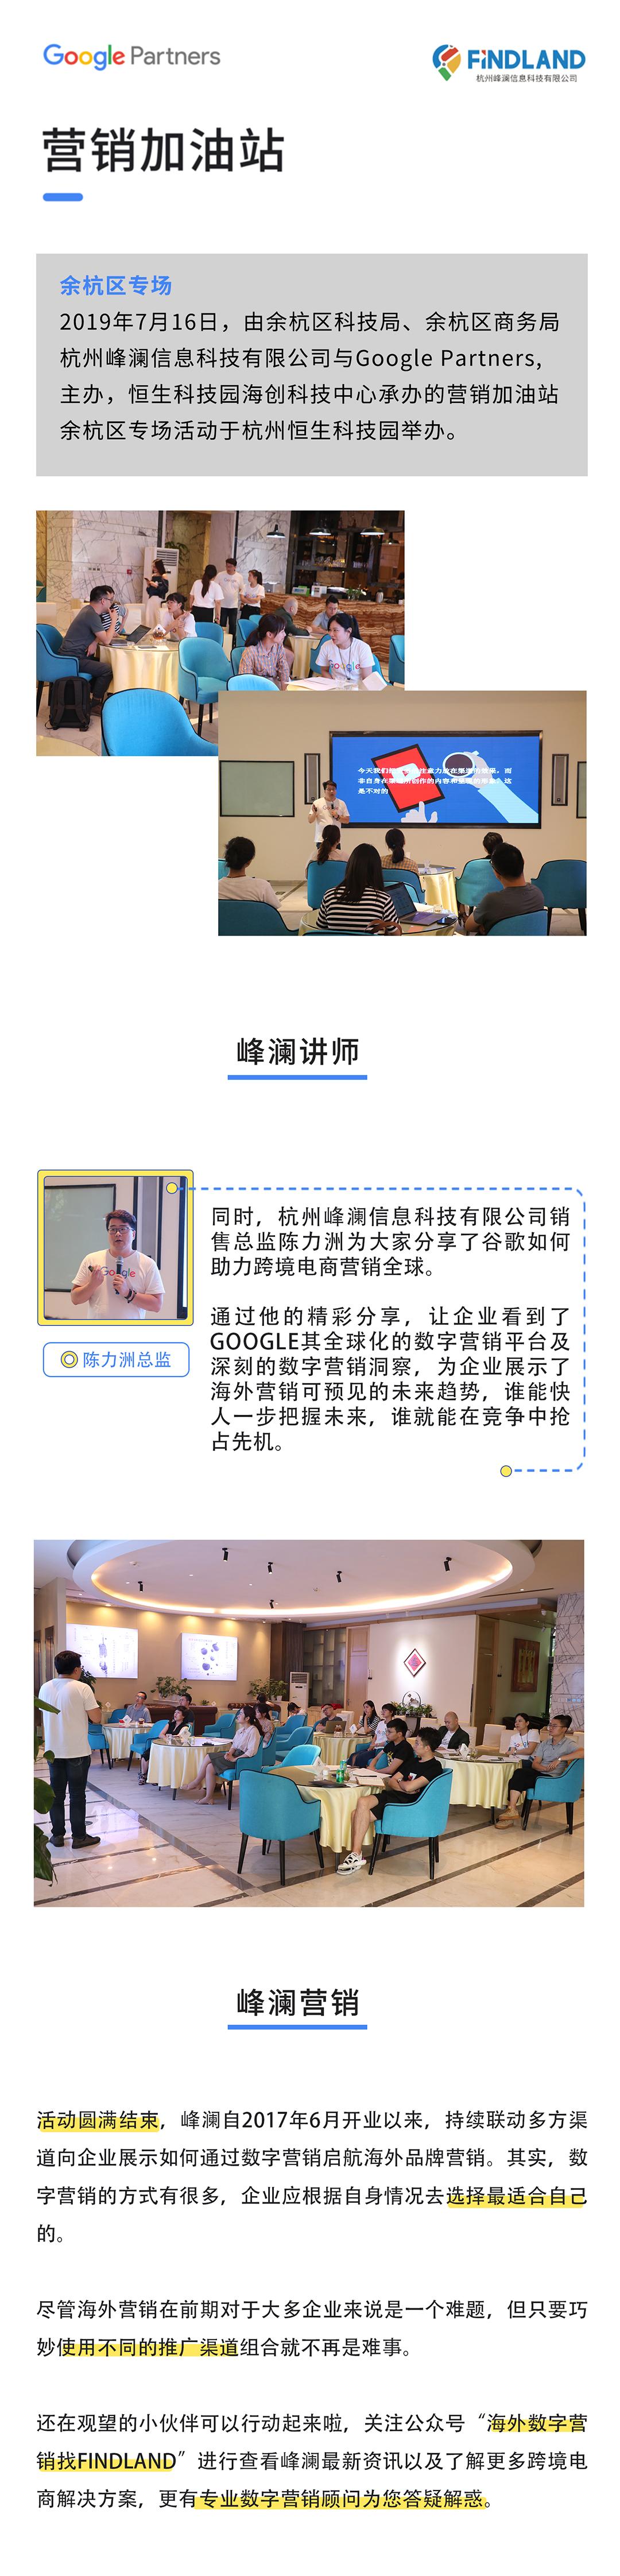 7月16日线上营销加油站活动长图